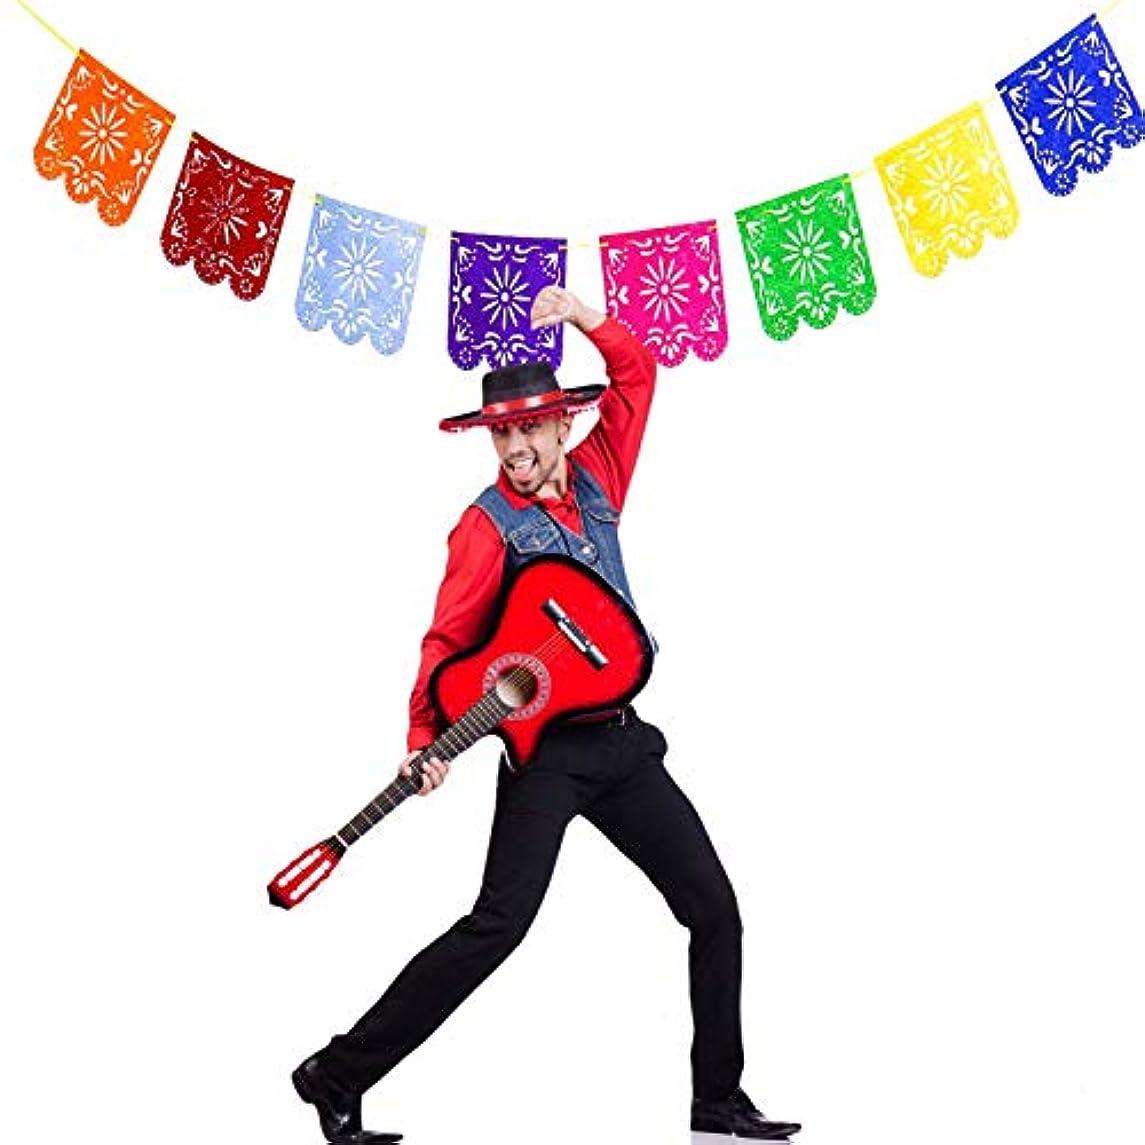 AQUEENLY Multicolored Mexican Papel Picado Banner, Felt Picado Banner Flags on Mexican Party Decorations for Cinco De Mayo, Birthdays, Easter, Christmas, Fiesta Festivals